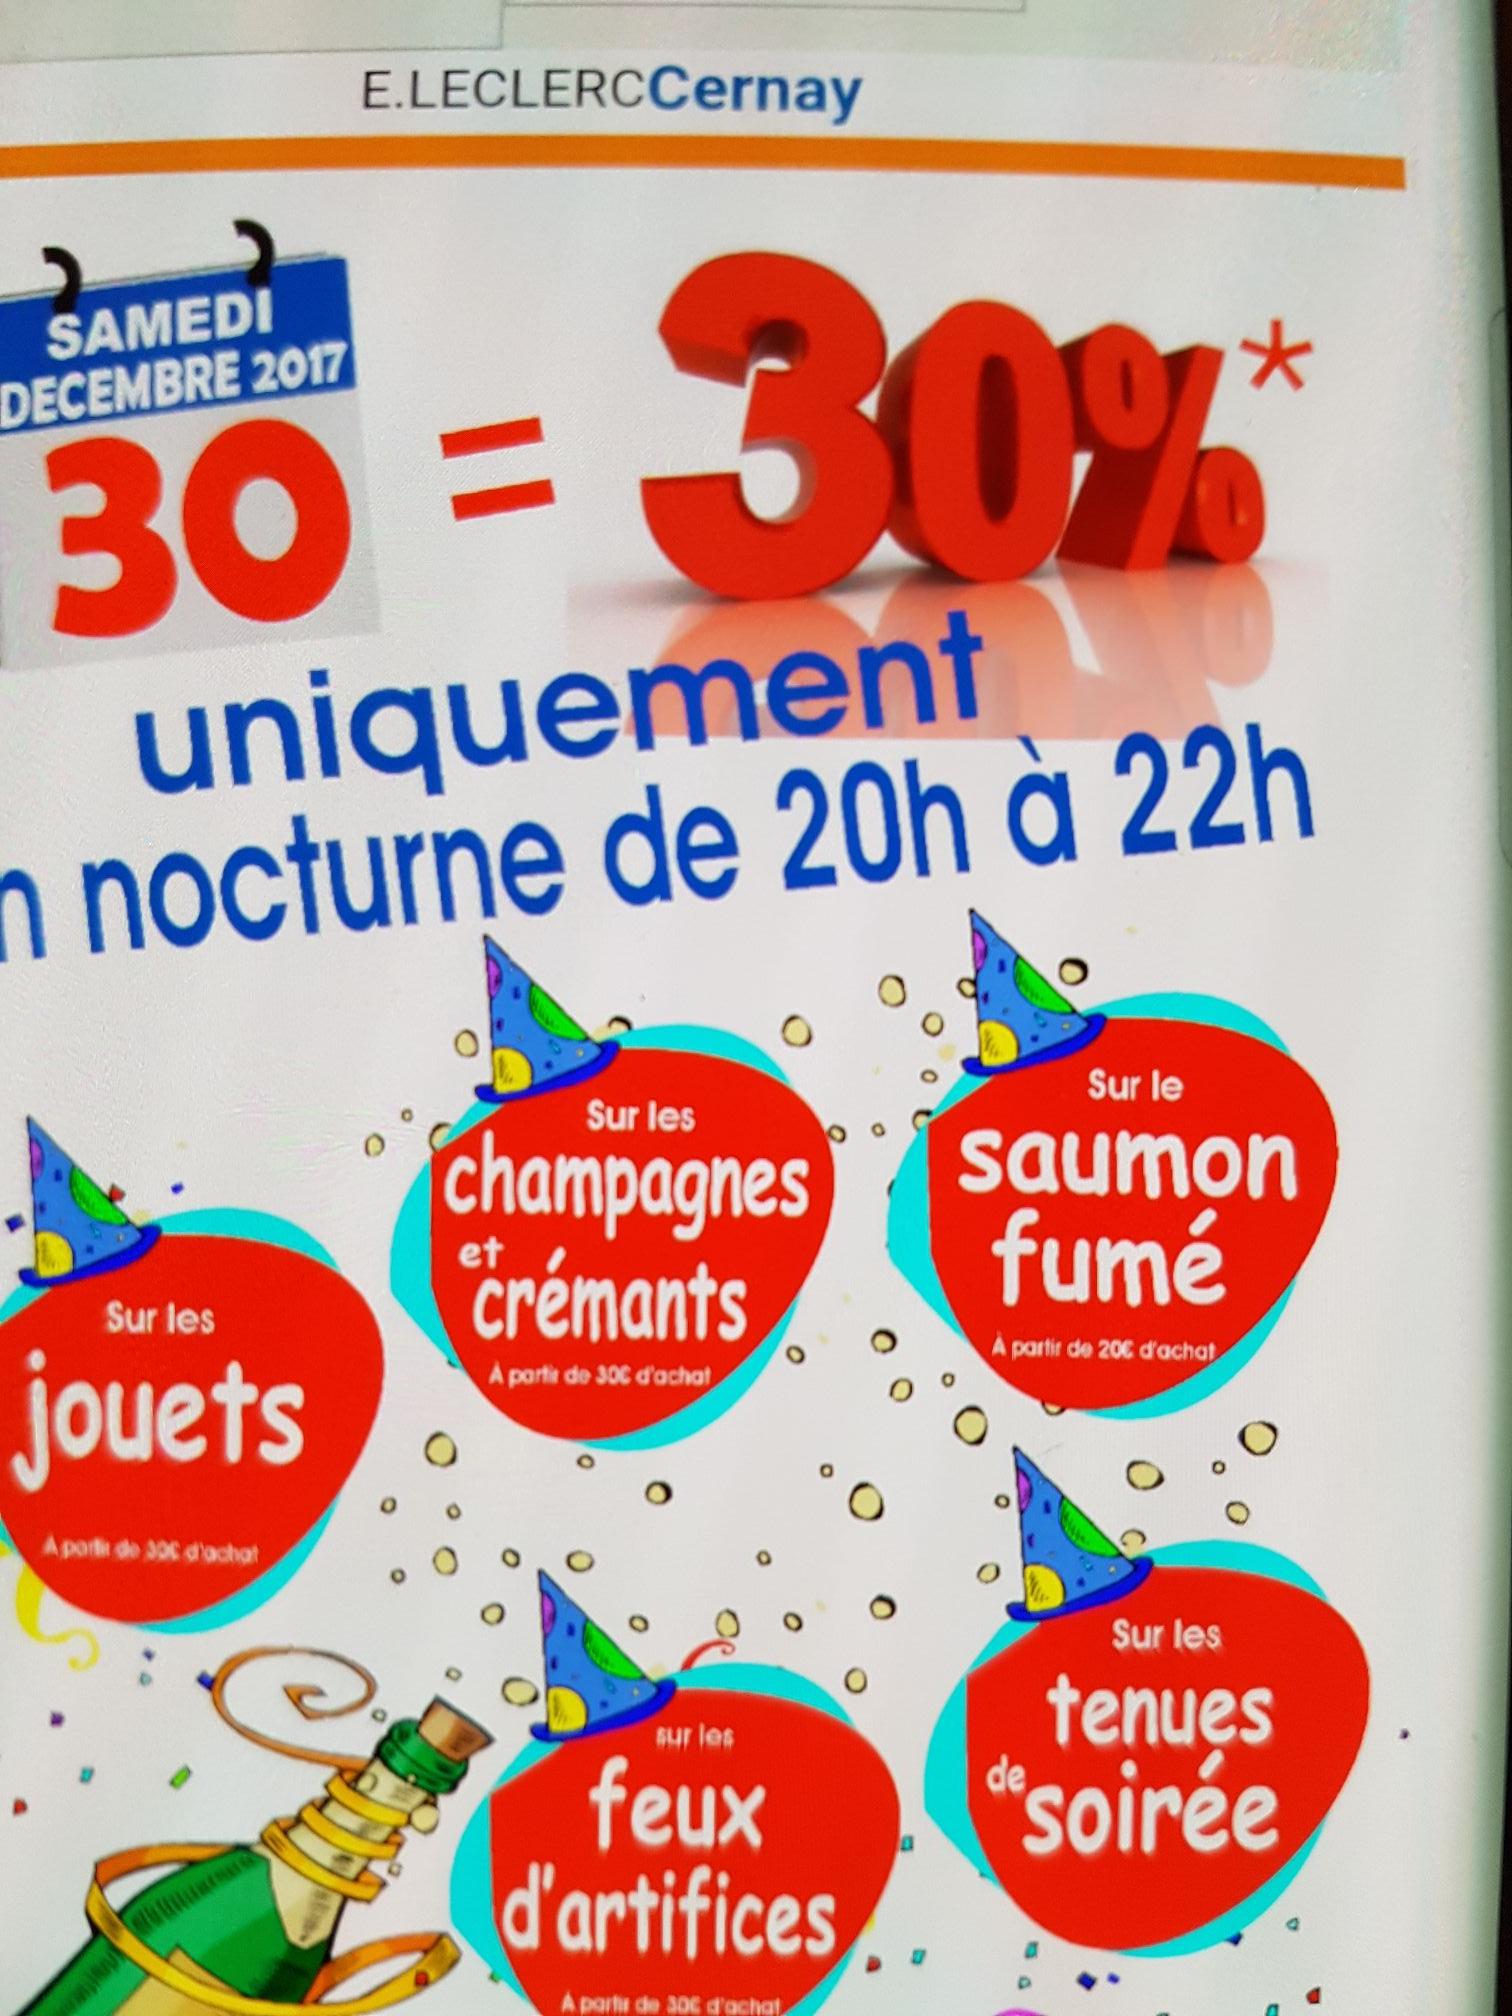 30% de réduction en bon d'achat sur le champagne, jouets, tenue de soirée, feu d'artifice et saumon - Cernay (68)